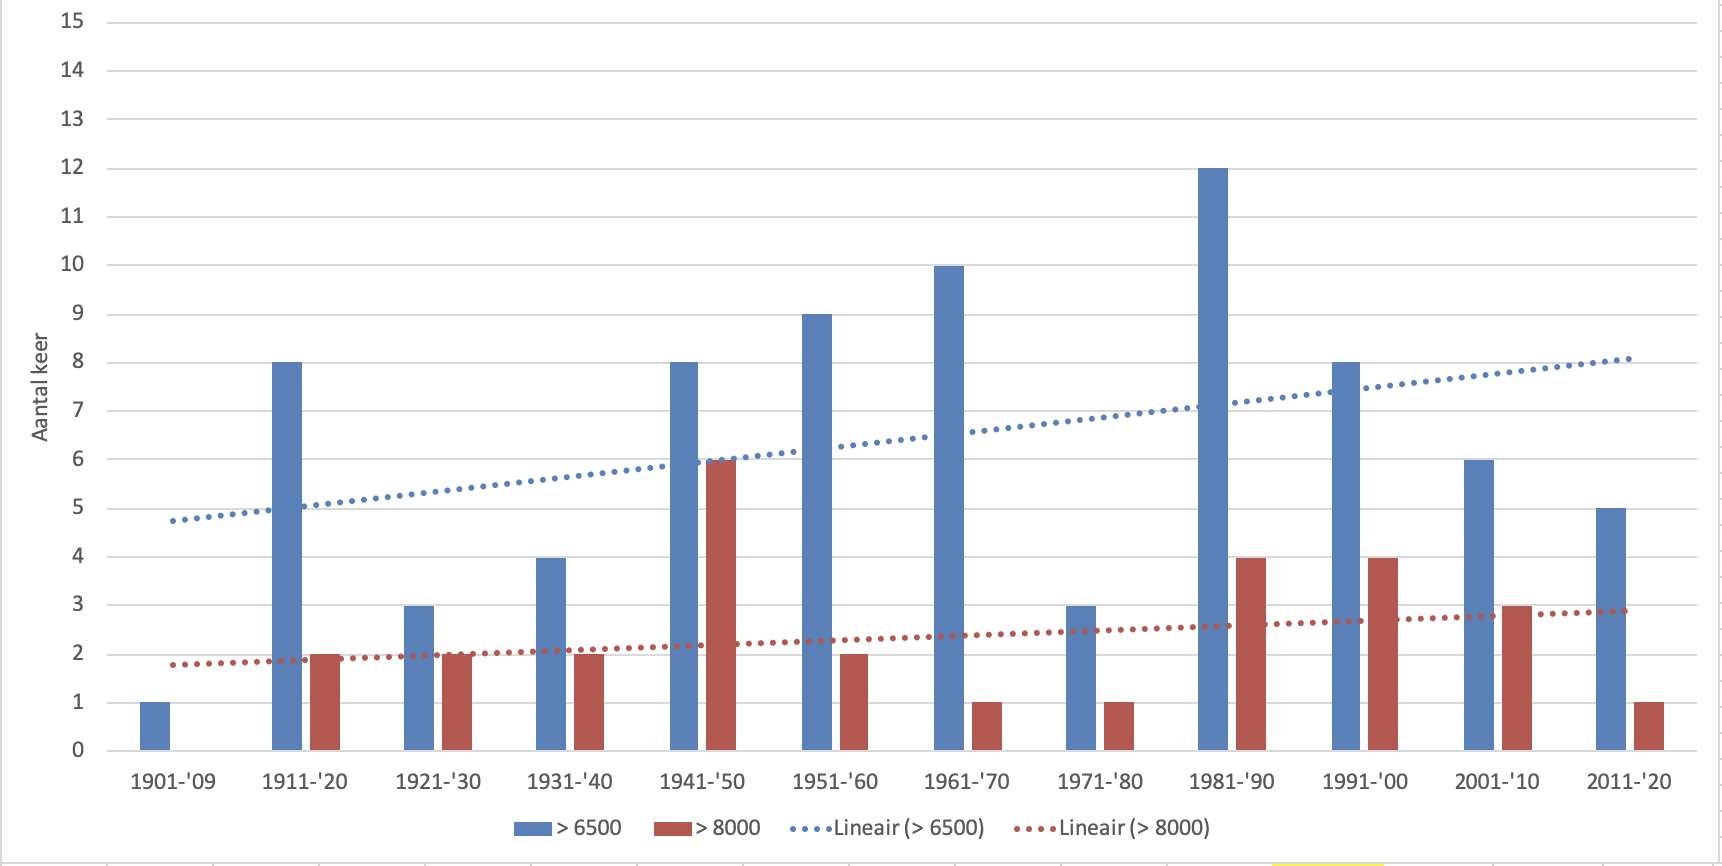 Aantal hoogwaters met een afvoer van respectievelijk > 6500 m3/s en 8000 m3/s per decennium sinds 1901 t/m 2020